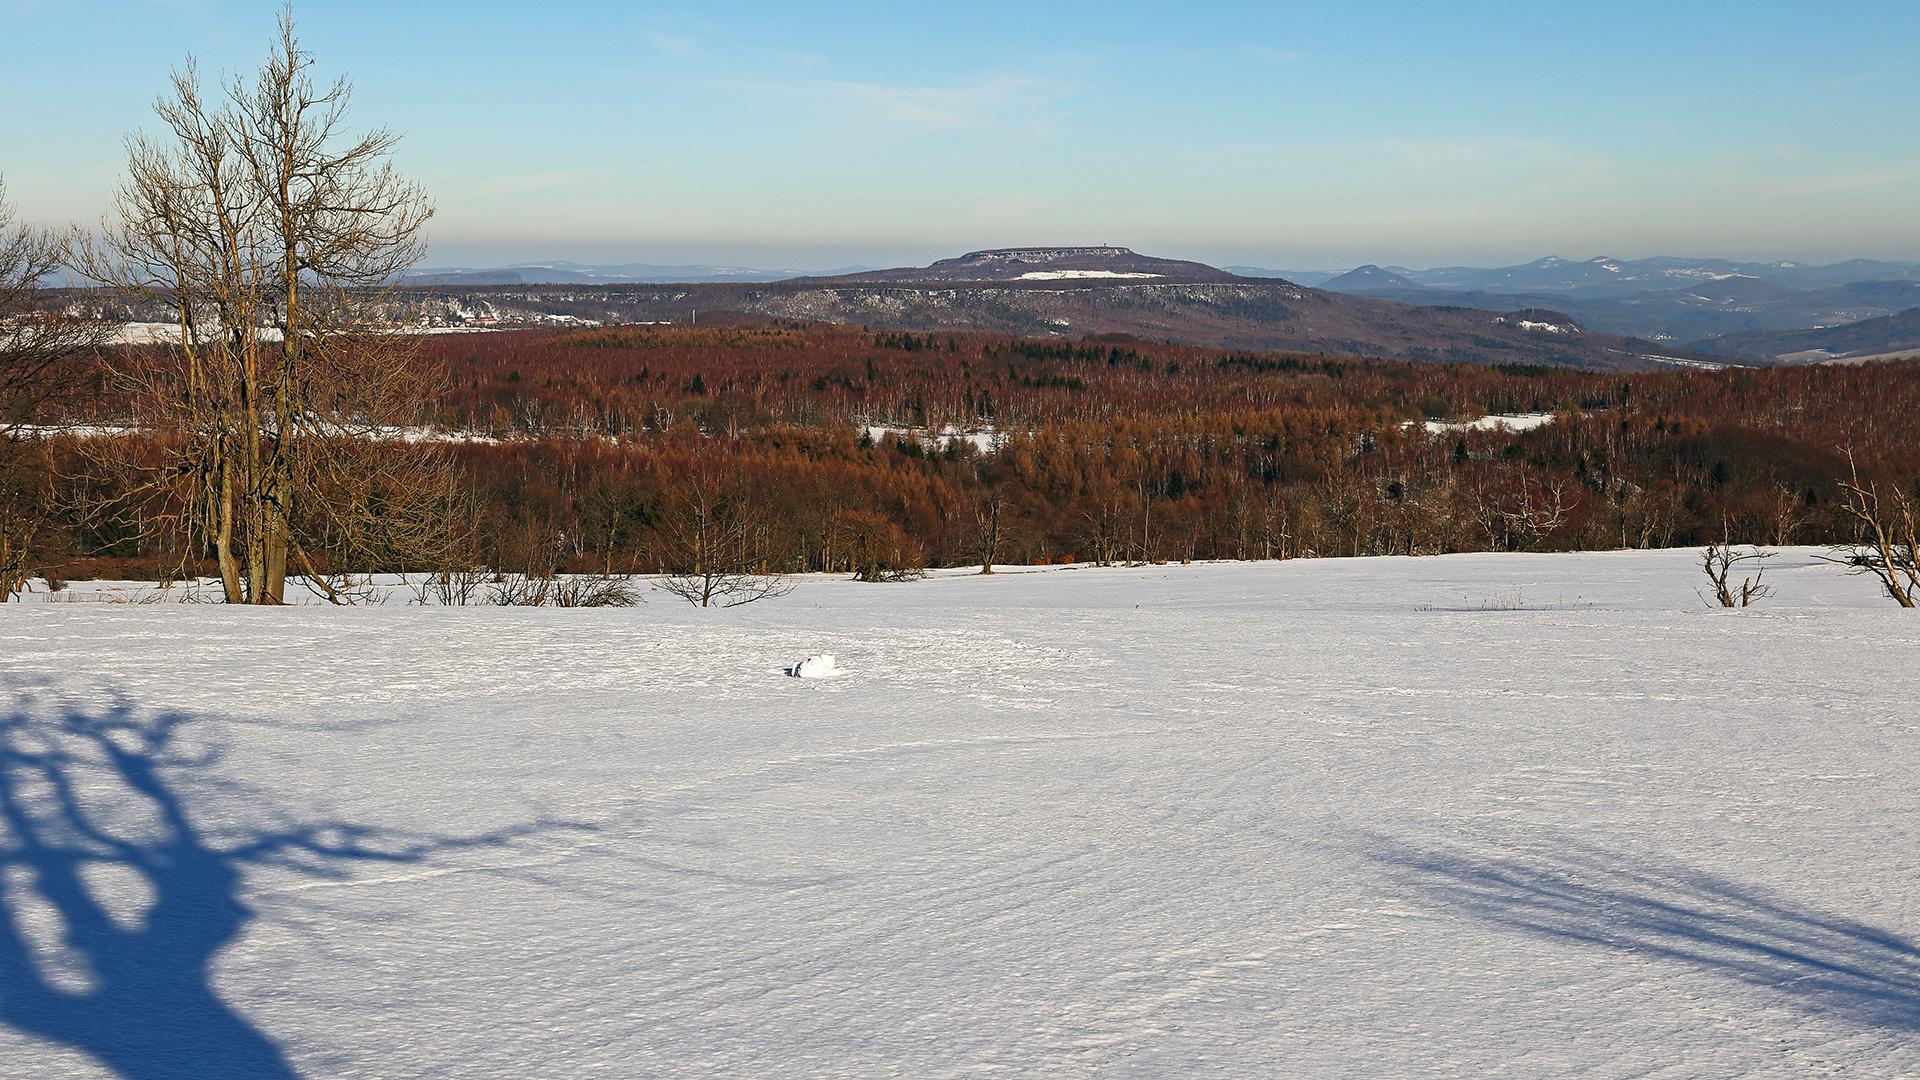 Die jeweils höchsten der Böhmischen-und der Sächsischen Schweiz gemeinsam im Bild